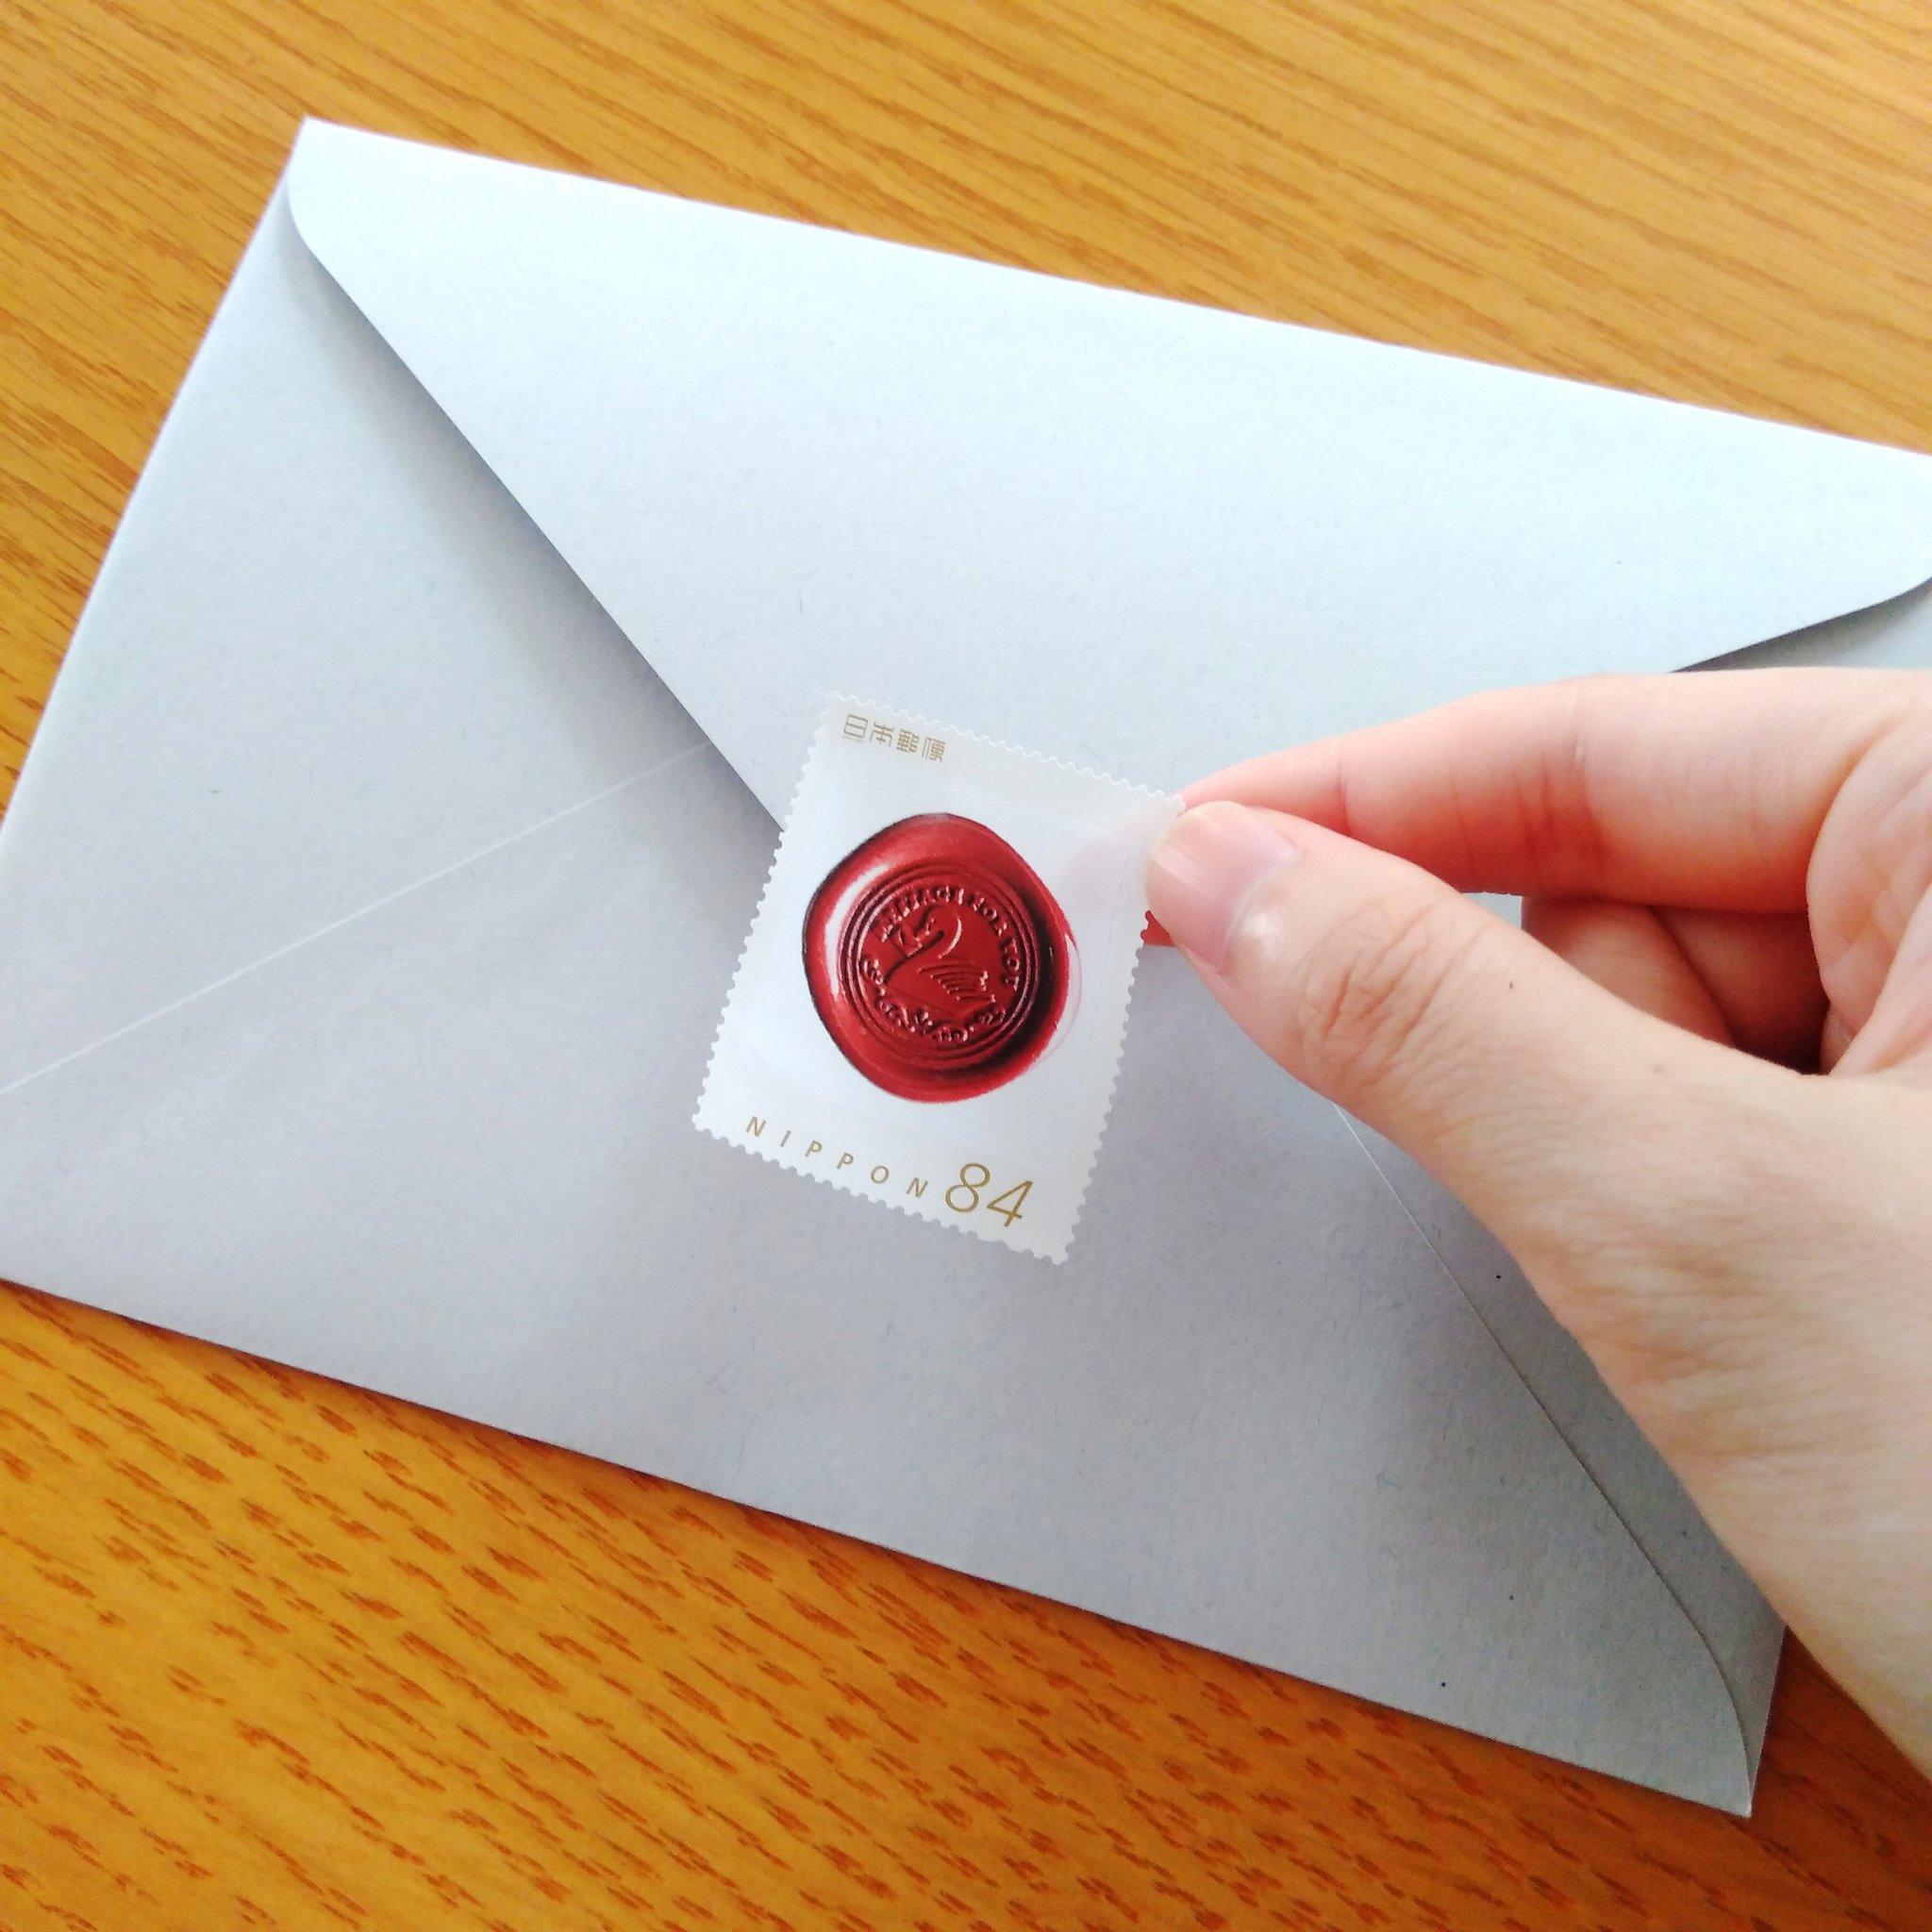 日本郵便の「オリジナル切手作成サービス」で切手をつくったのですが、封筒の真ん中に貼りたくなる誘惑とたたかっています。